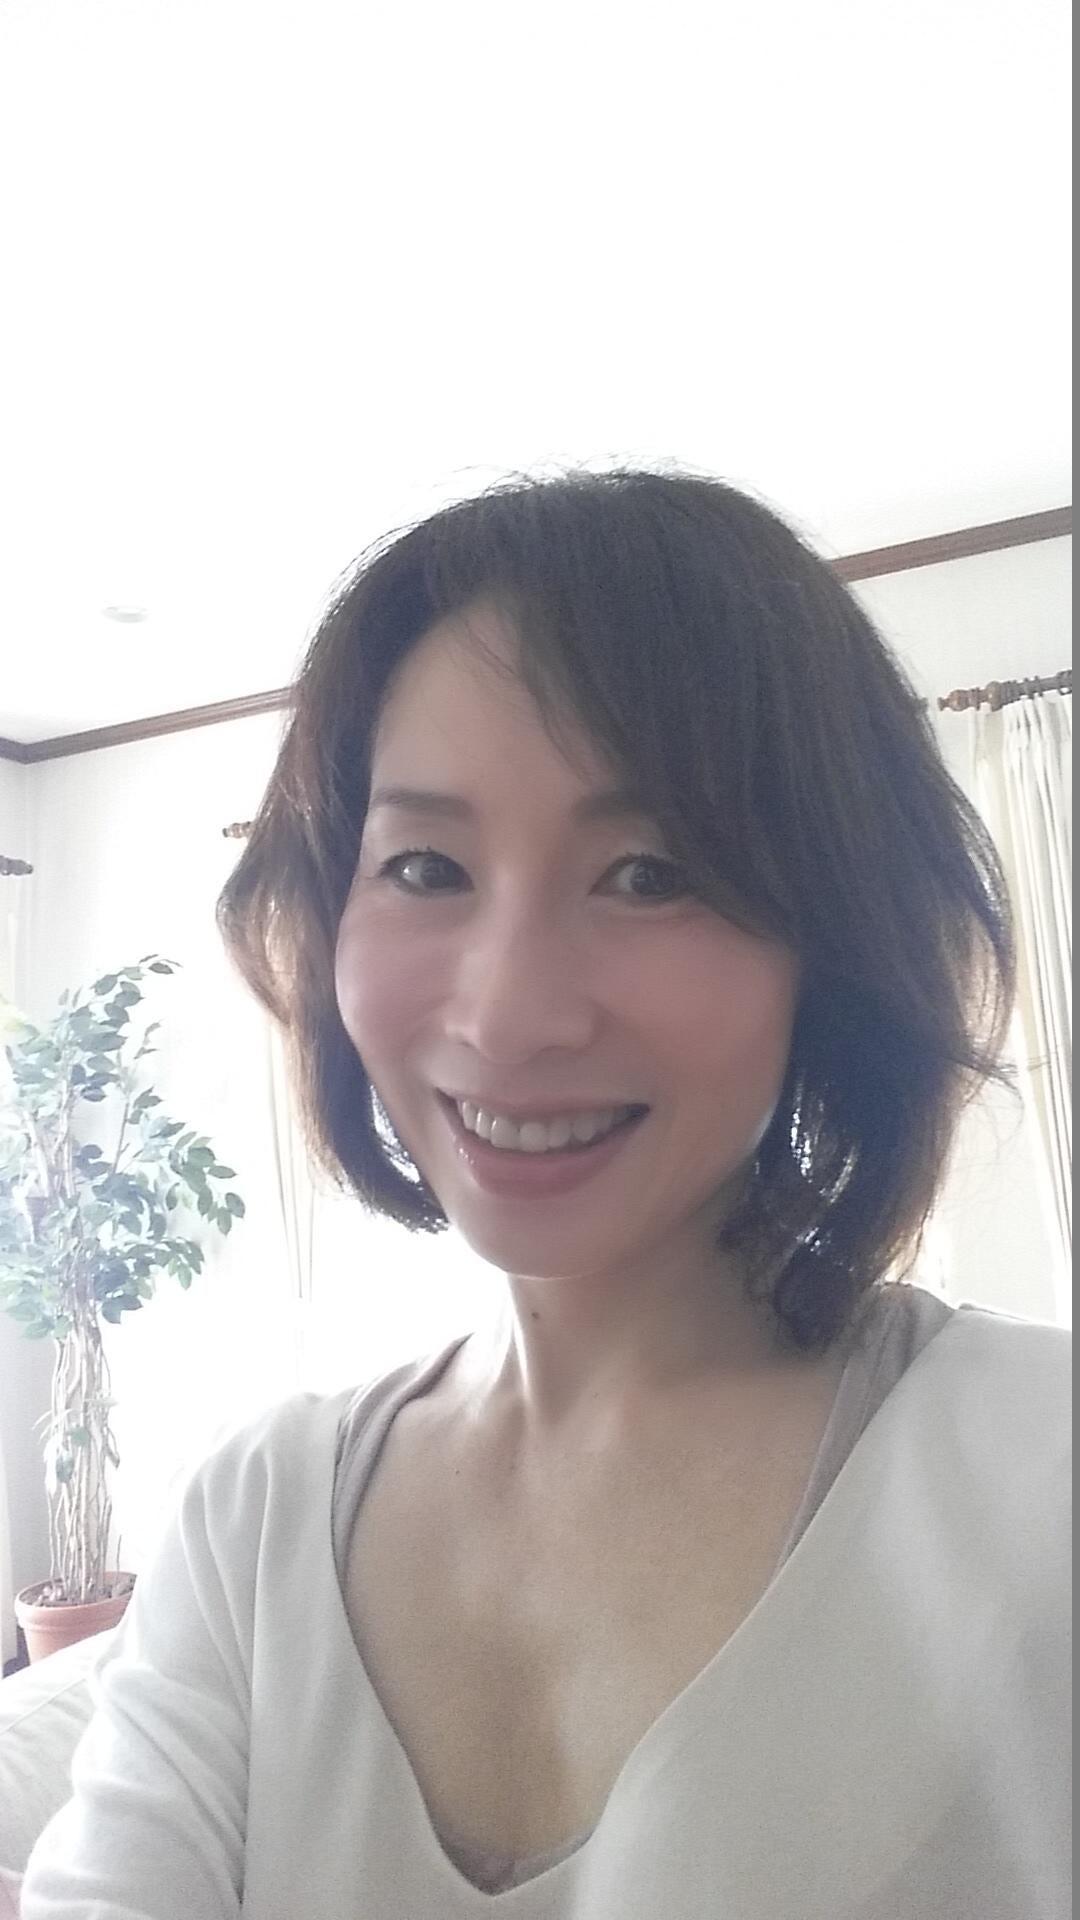 ヴィアージュ(viage)は名古屋にあるエステサロンで、エスグラで2位を受賞。高品質プラセンタとアロマで美肌を育むサロン夏の疲れが出る9月7年目スタート♡6周年ありがとうございます♡キレイとホルモンの関係潤い美肌を叶えよう